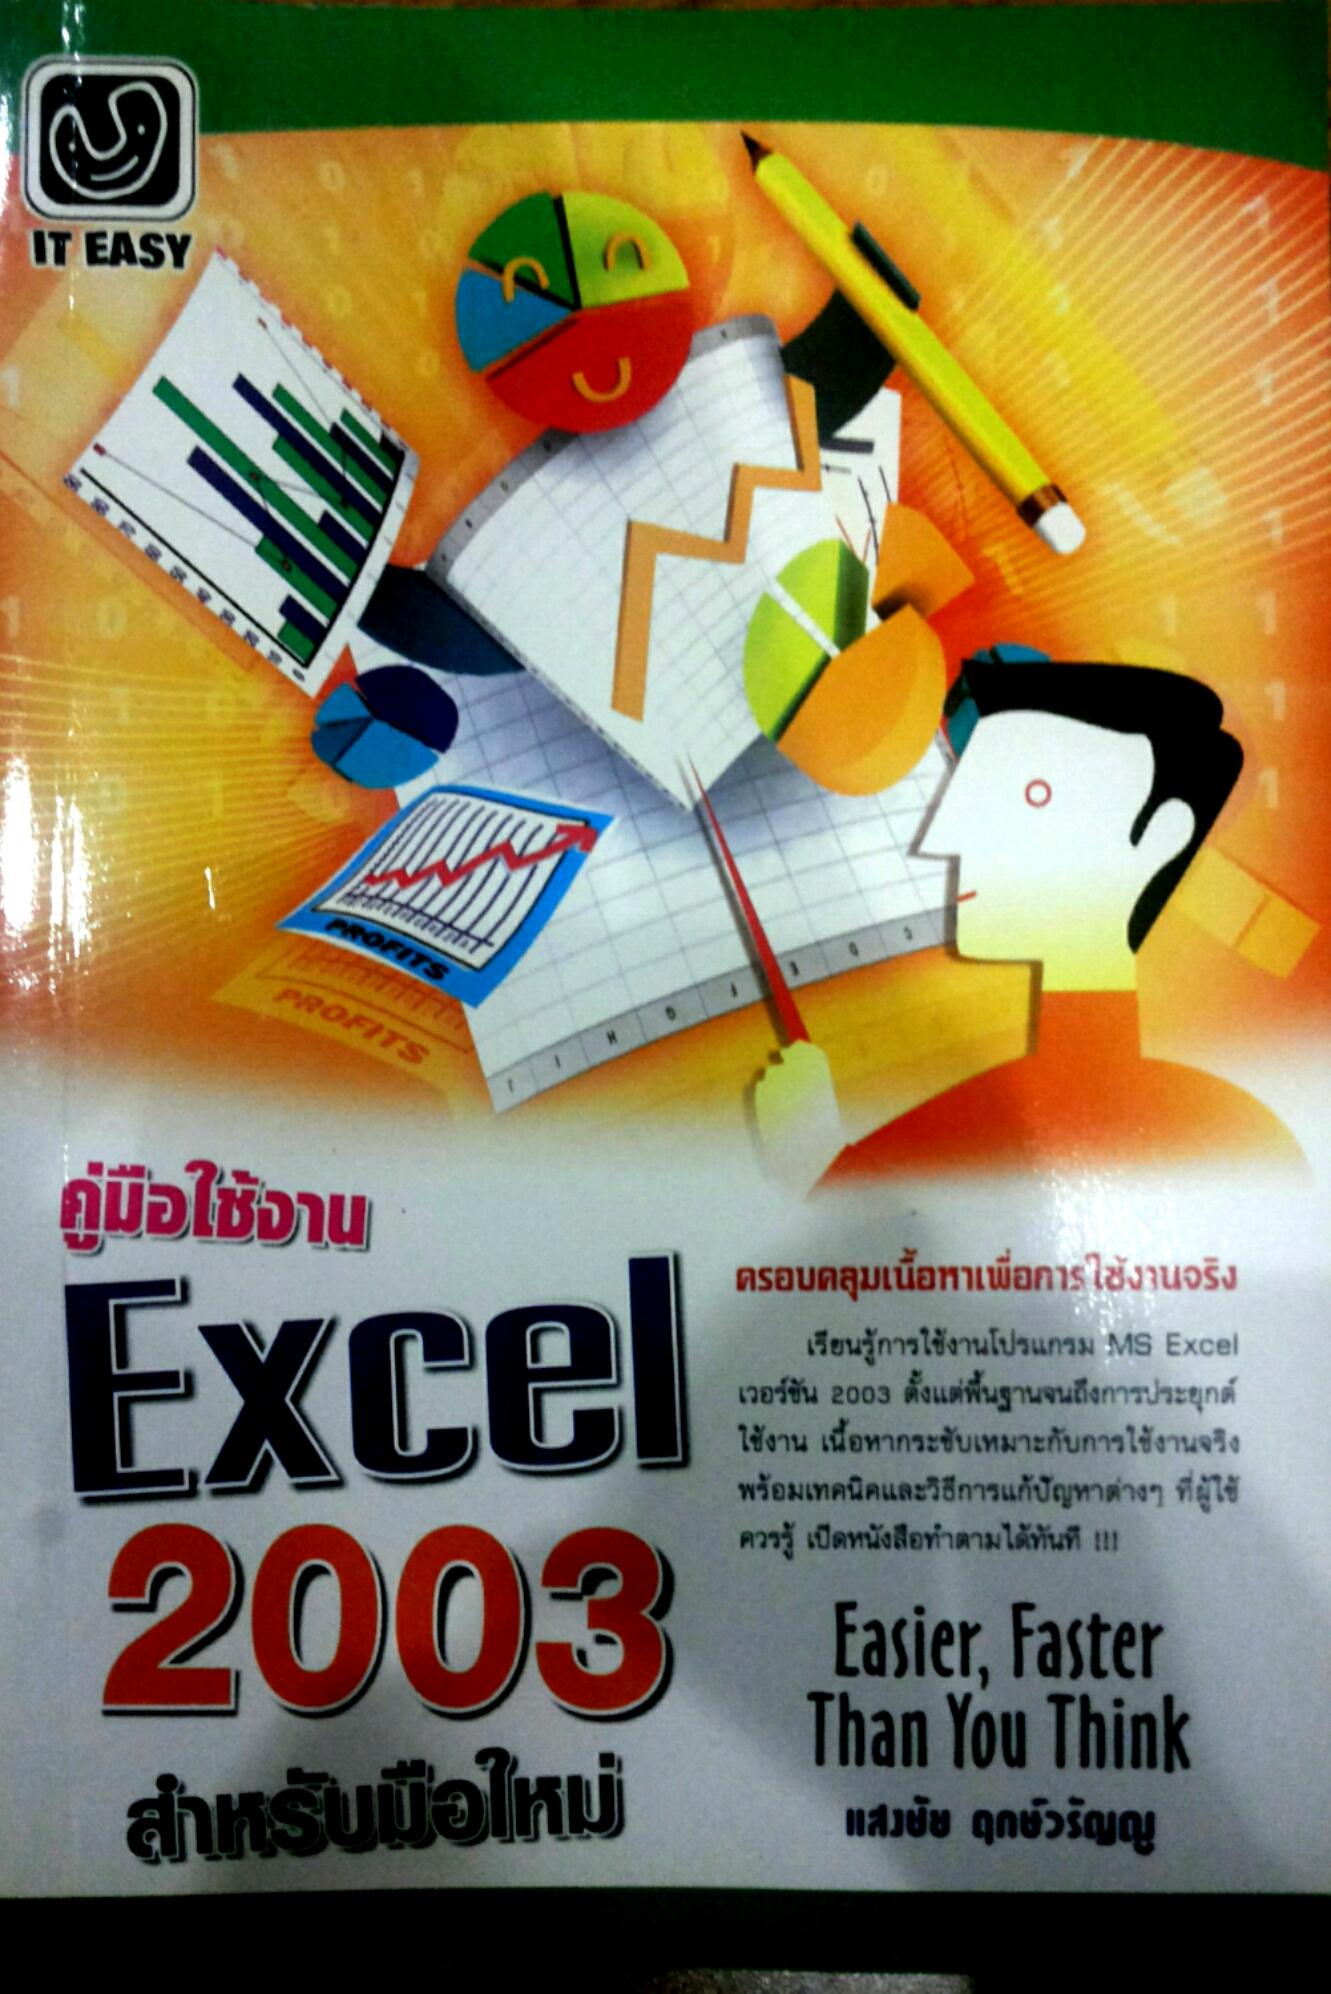 คู่มือใช้งาน Excel 2003 สำหรับมือใหม่